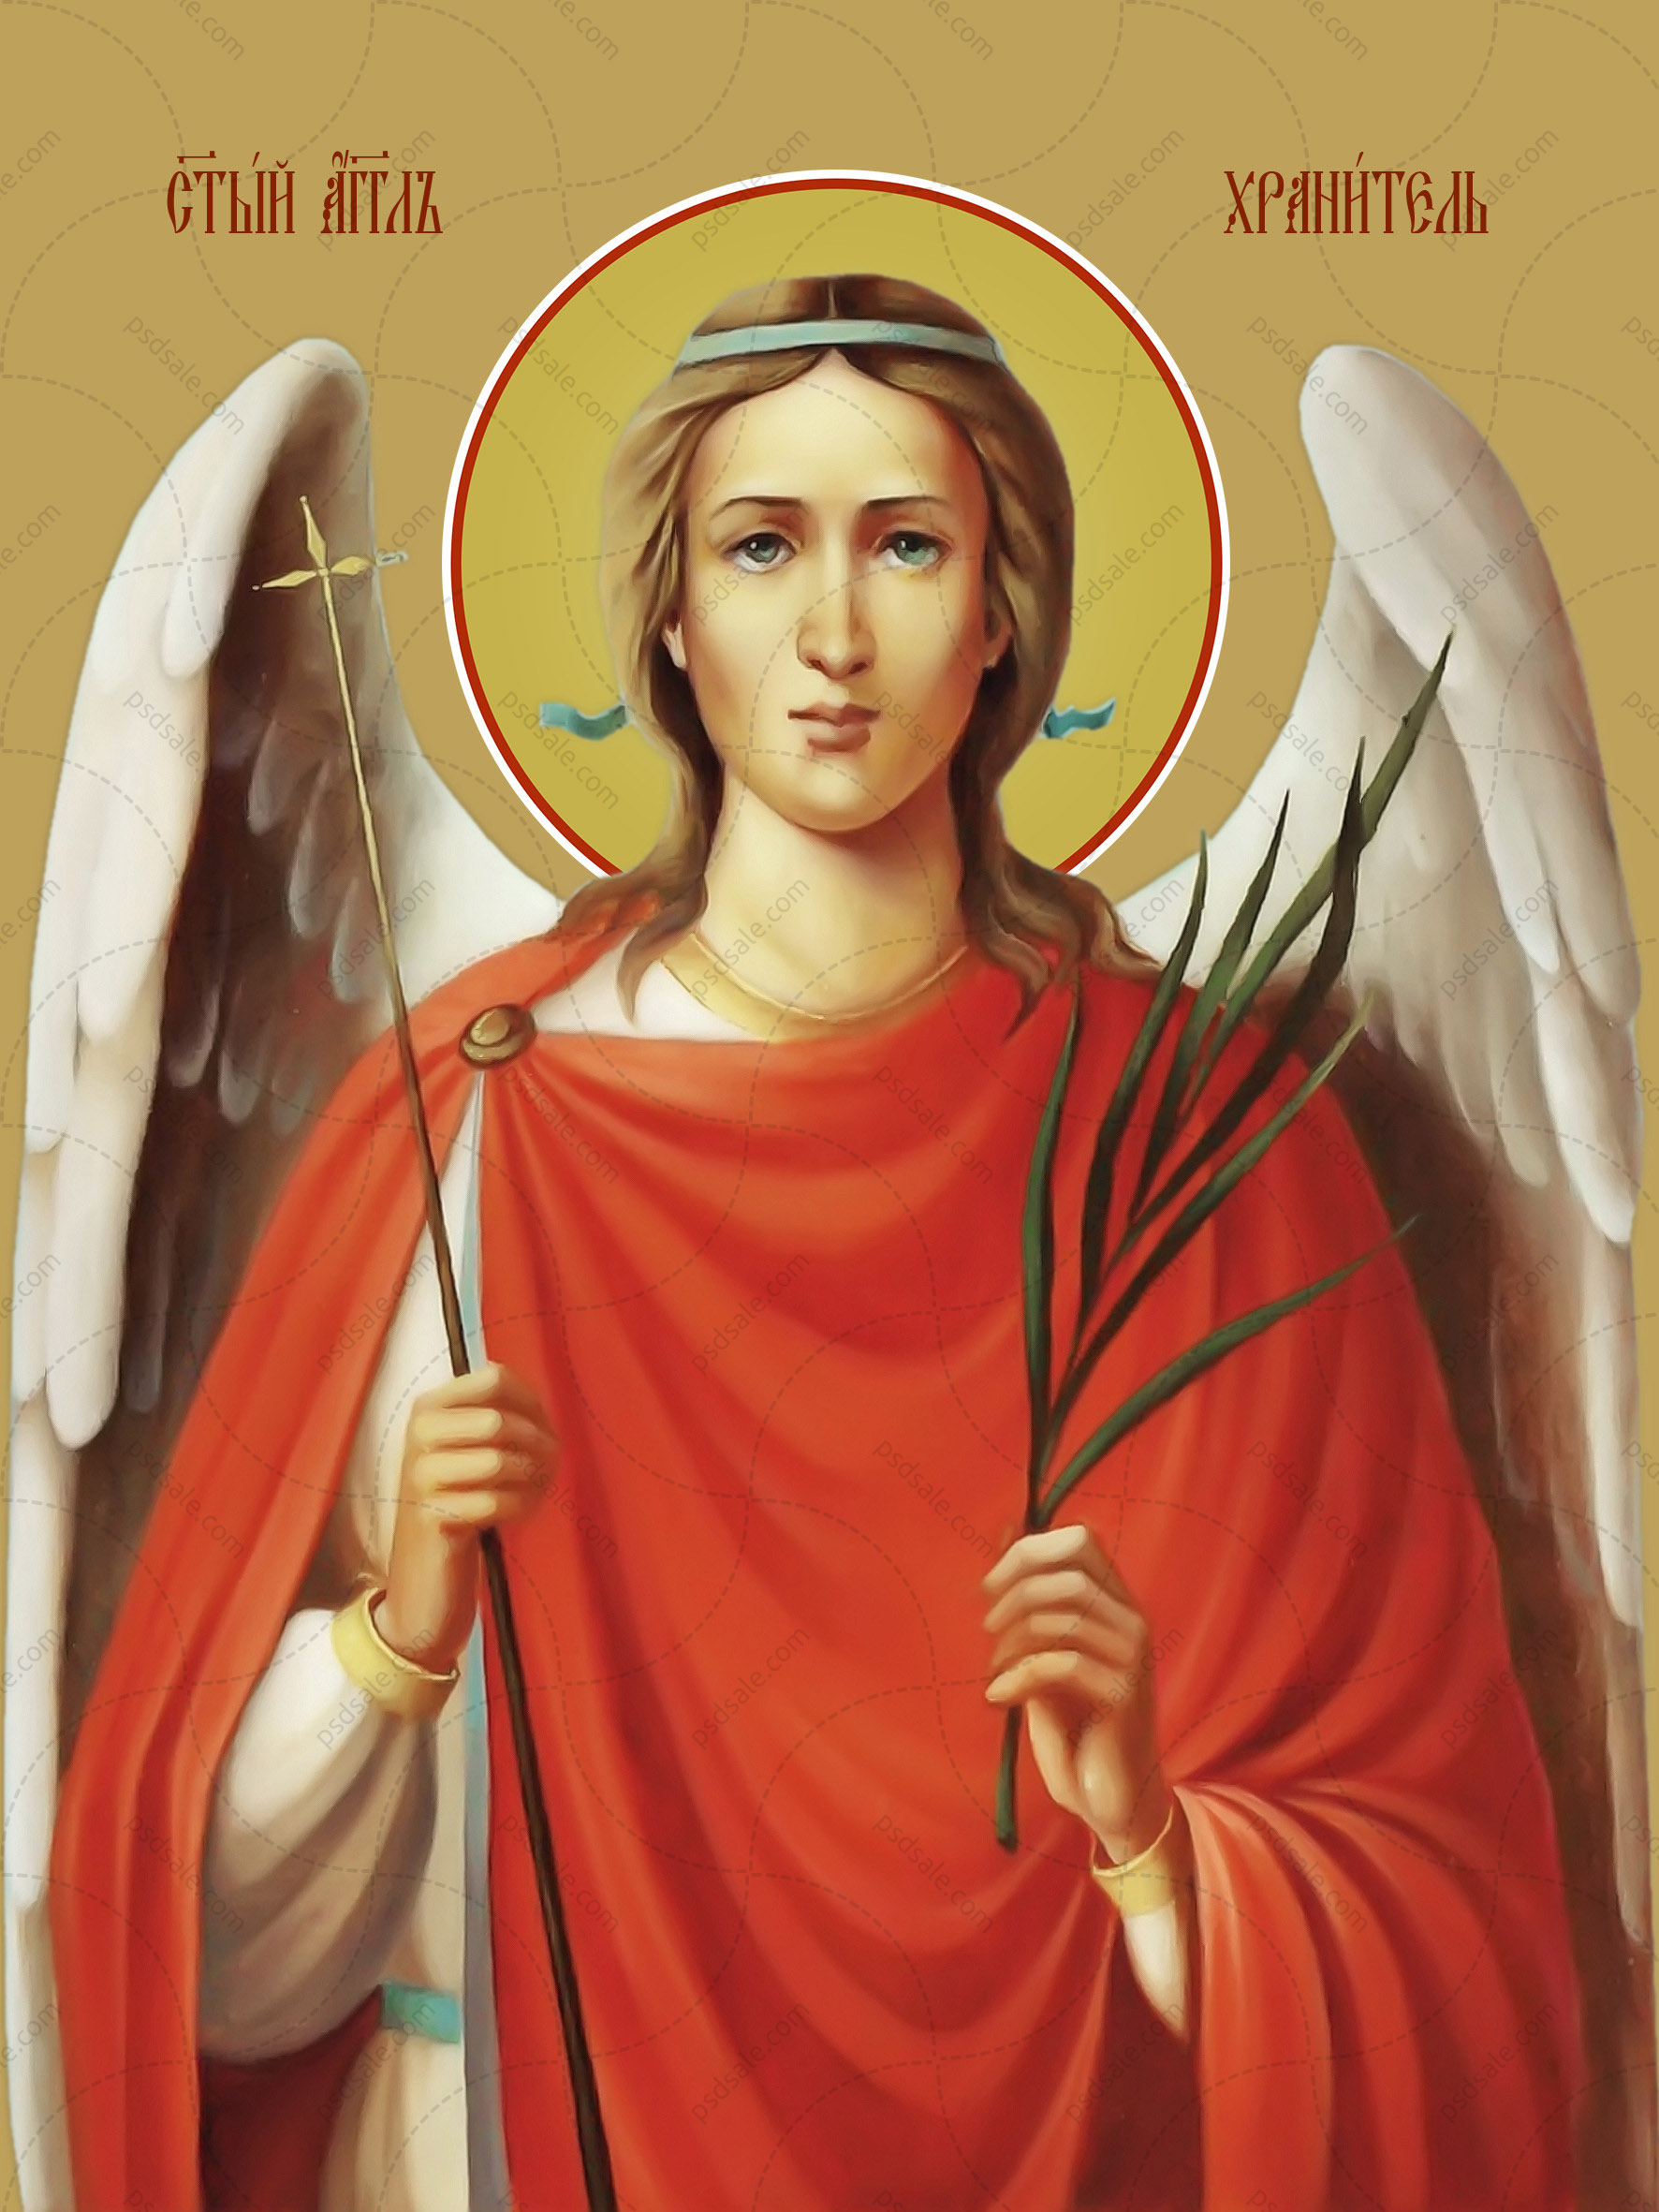 подходим лаве картинки ангел хранитель виталику держится